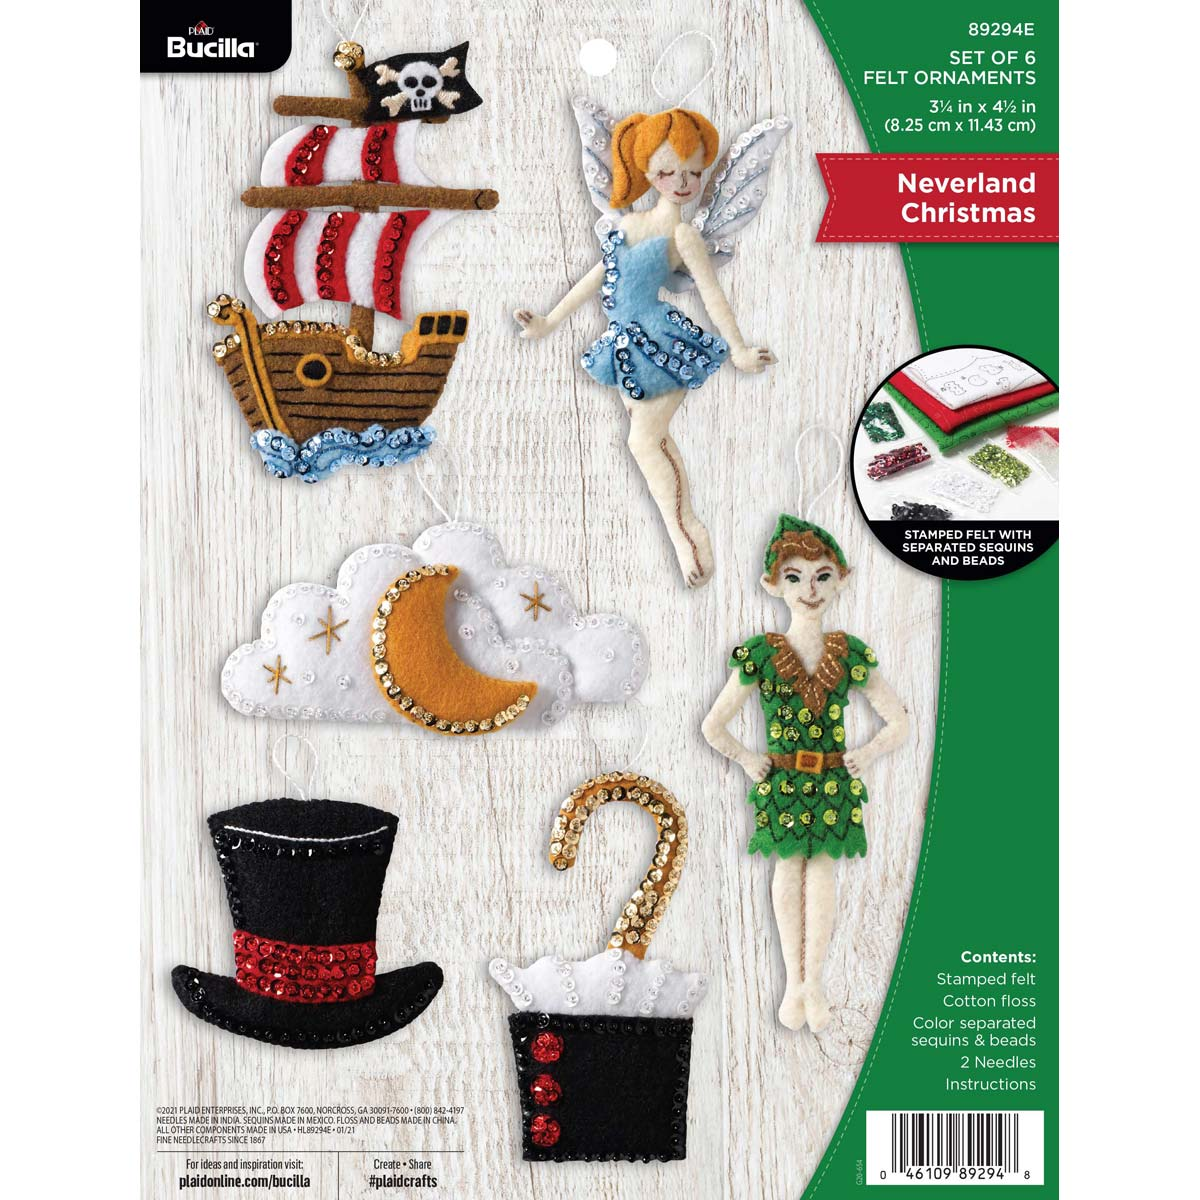 Bucilla ® Seasonal - Felt - Ornament Kits - Neverland Christmas - 89294E